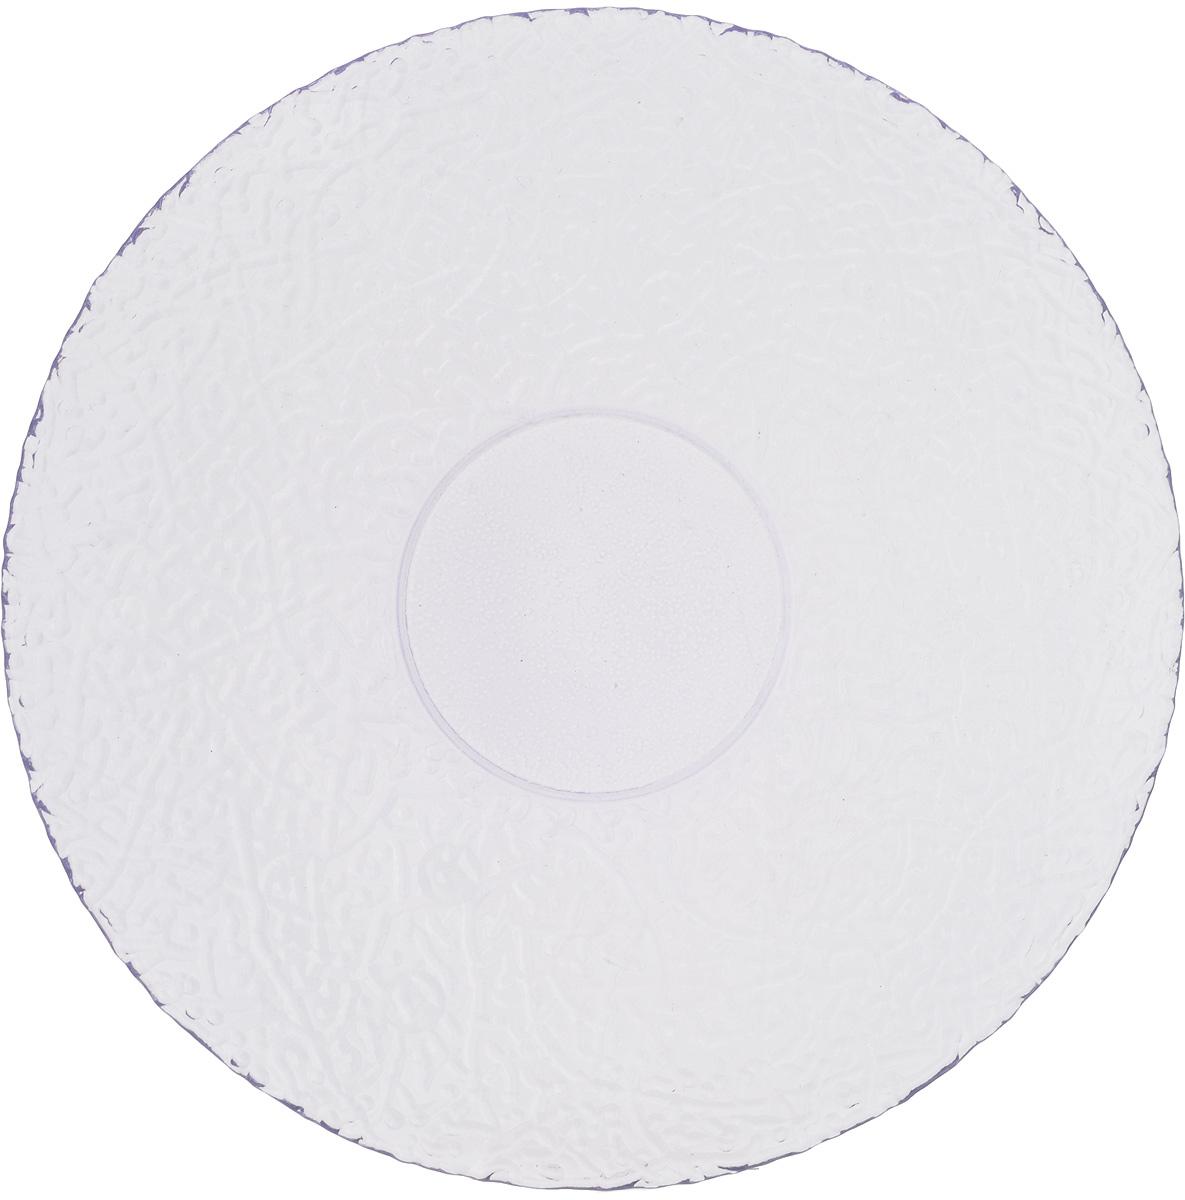 Тарелка NiNaGlass Ажур, цвет: светло-сиреневый, диаметр 26 см83-071-Ф260 ЛАВАНТарелка NiNaGlass Ажур выполнена из высококачественного стекла и имеет рельефную внешнюю поверхность. Она прекрасно впишется в интерьер вашей кухни и станет достойным дополнением к кухонному инвентарю. Тарелка NiNaGlass Ажур подчеркнет прекрасный вкус хозяйки и станет отличным подарком.Диаметр тарелки: 26 см.Высота: 3 см.